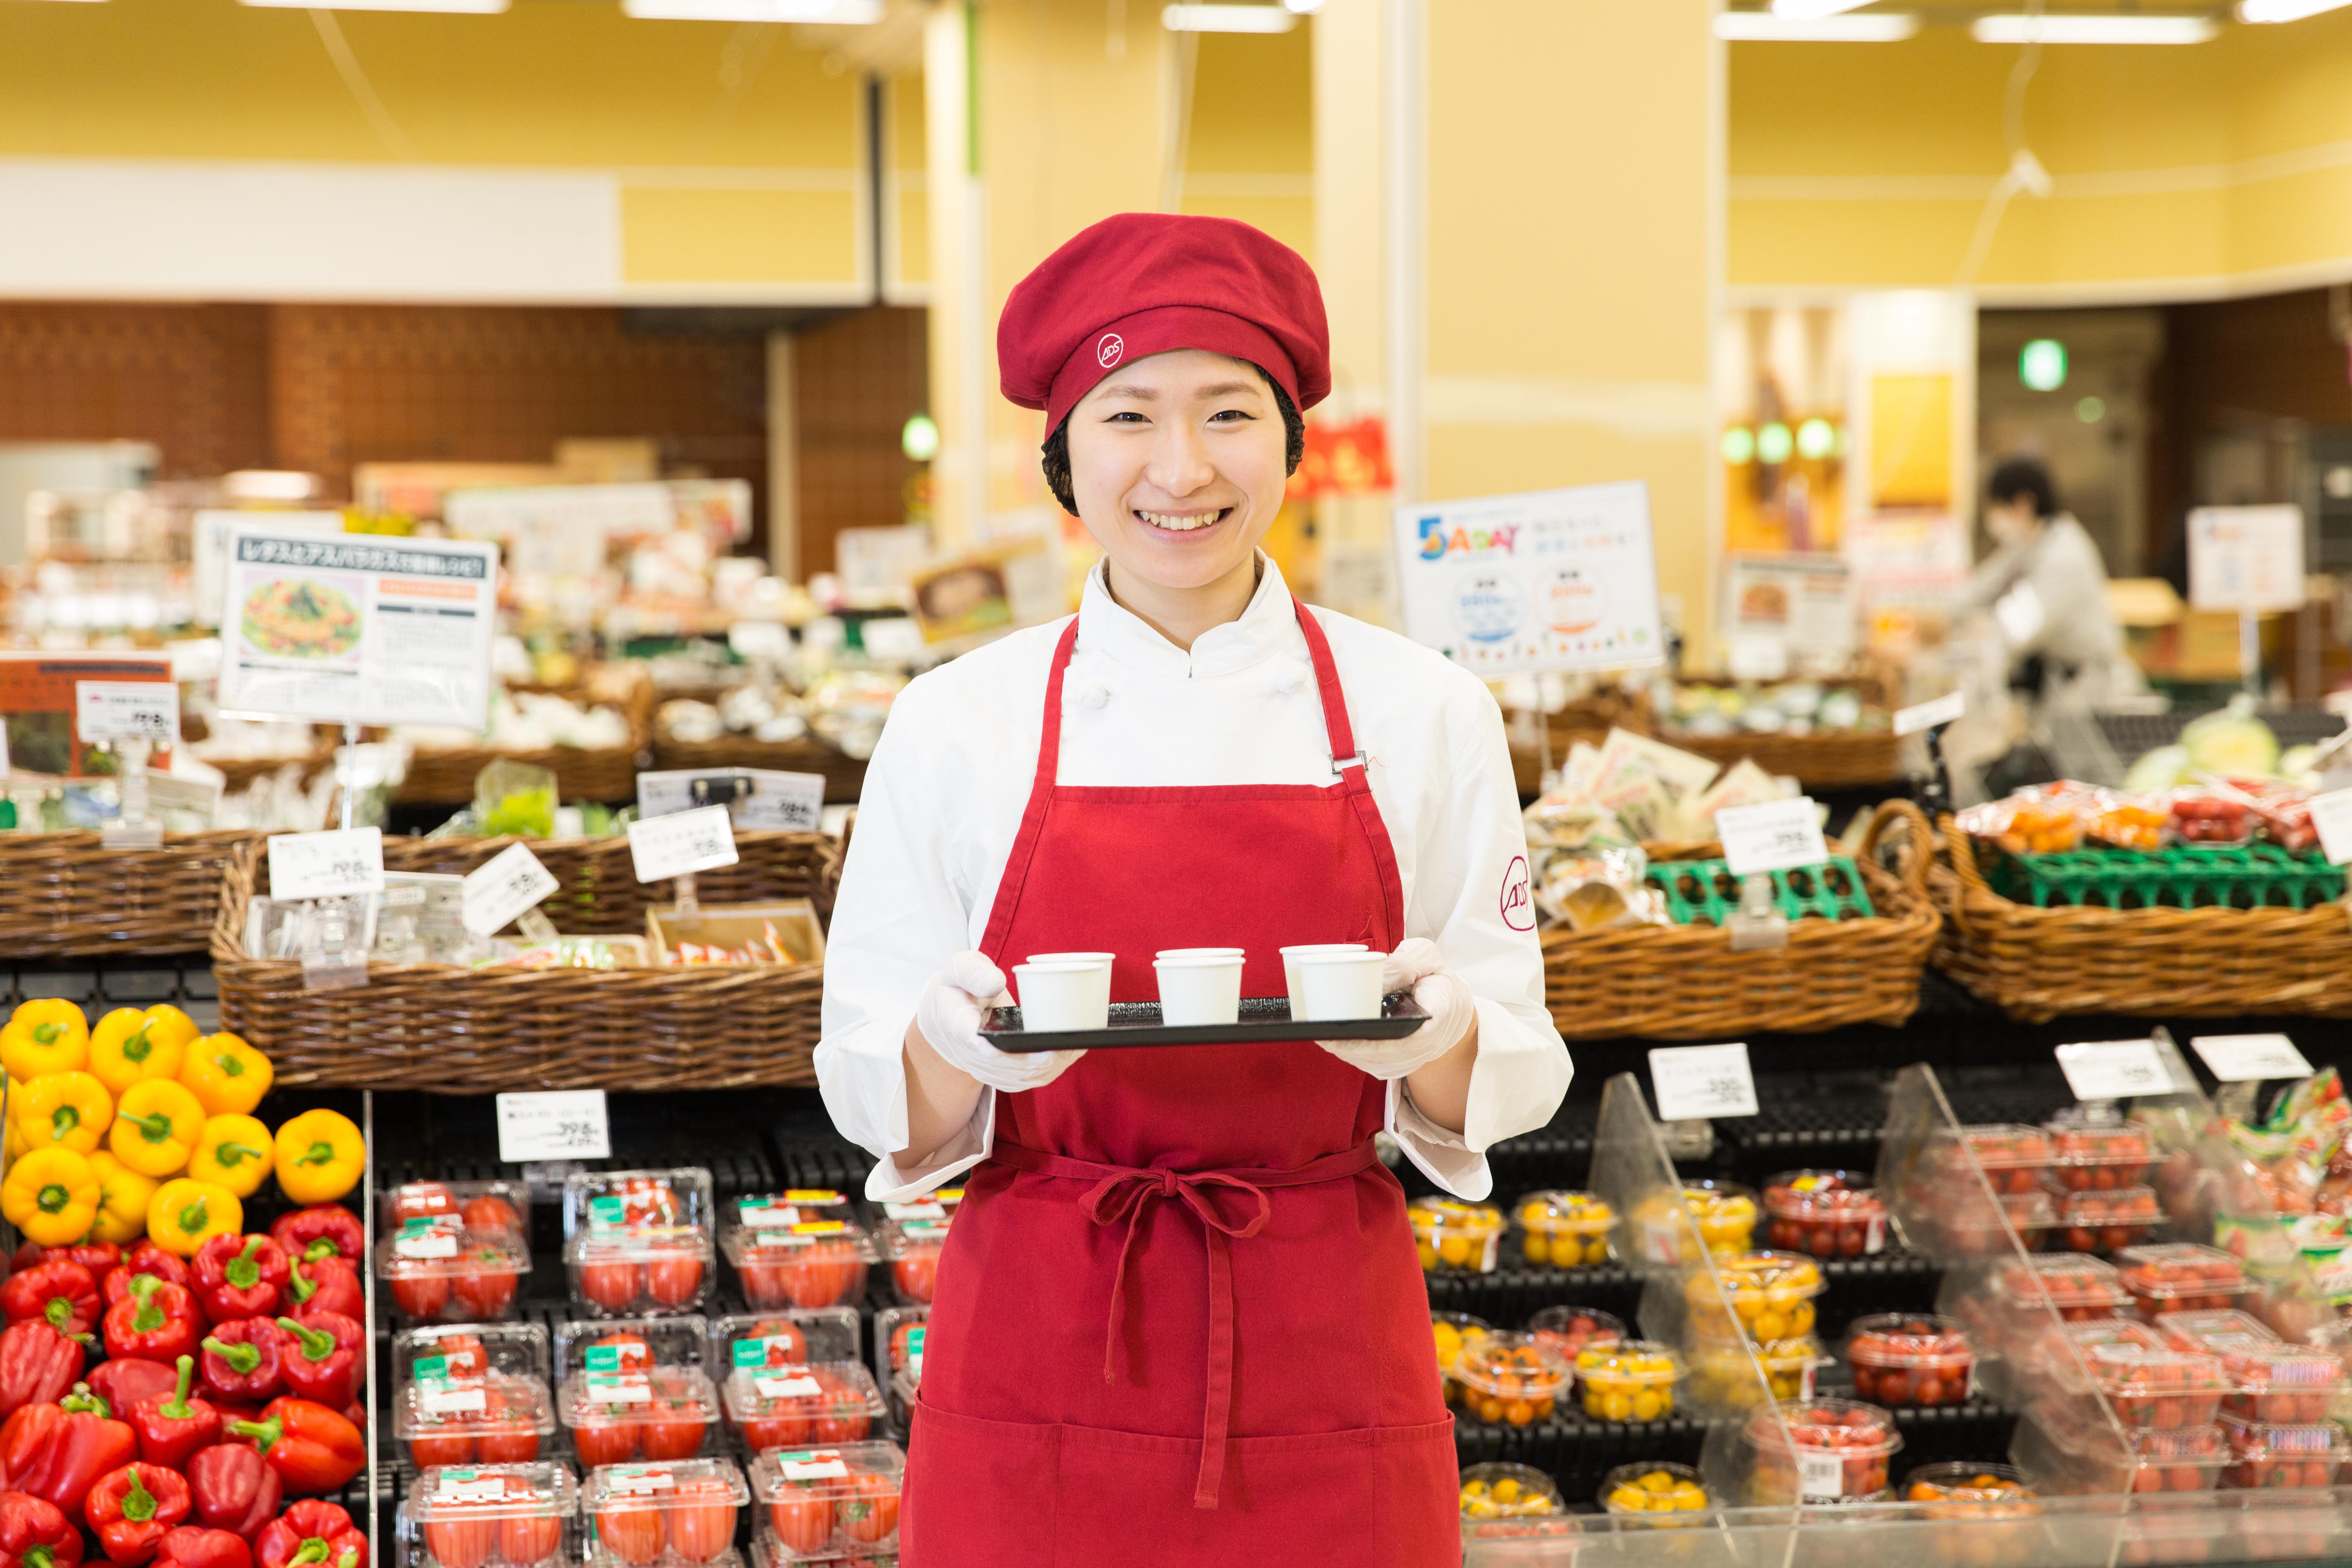 イオン 四日市尾平店 のアルバイト情報